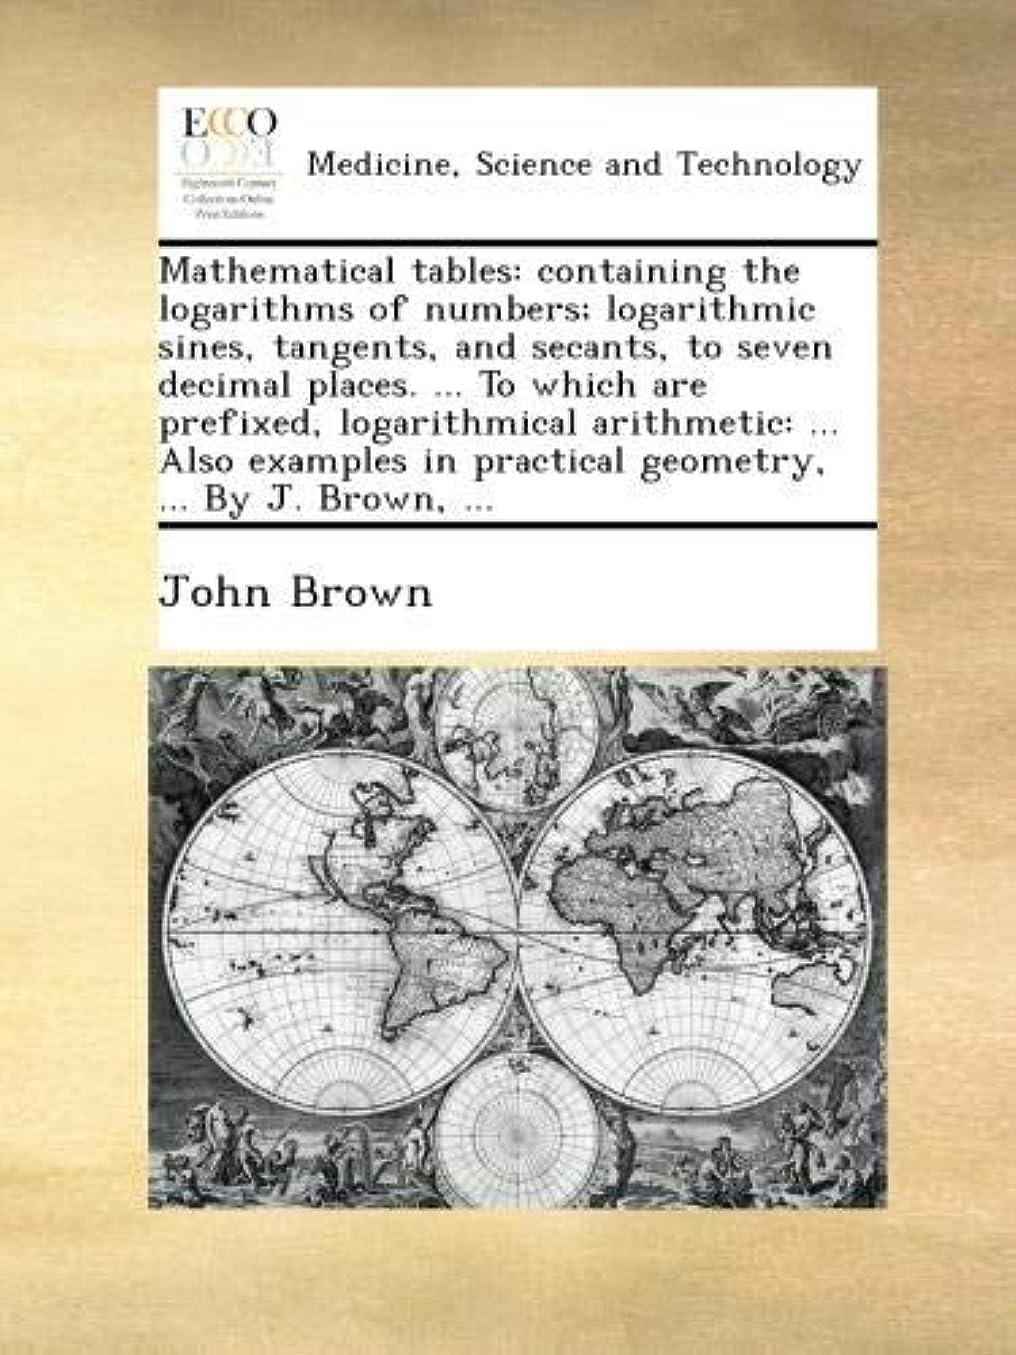 写真を撮るもし球状Mathematical tables: containing the logarithms of numbers; logarithmic sines, tangents, and secants, to seven decimal places. ... To which are prefixed, logarithmical arithmetic: ... Also examples in practical geometry, ... By J. Brown, ...